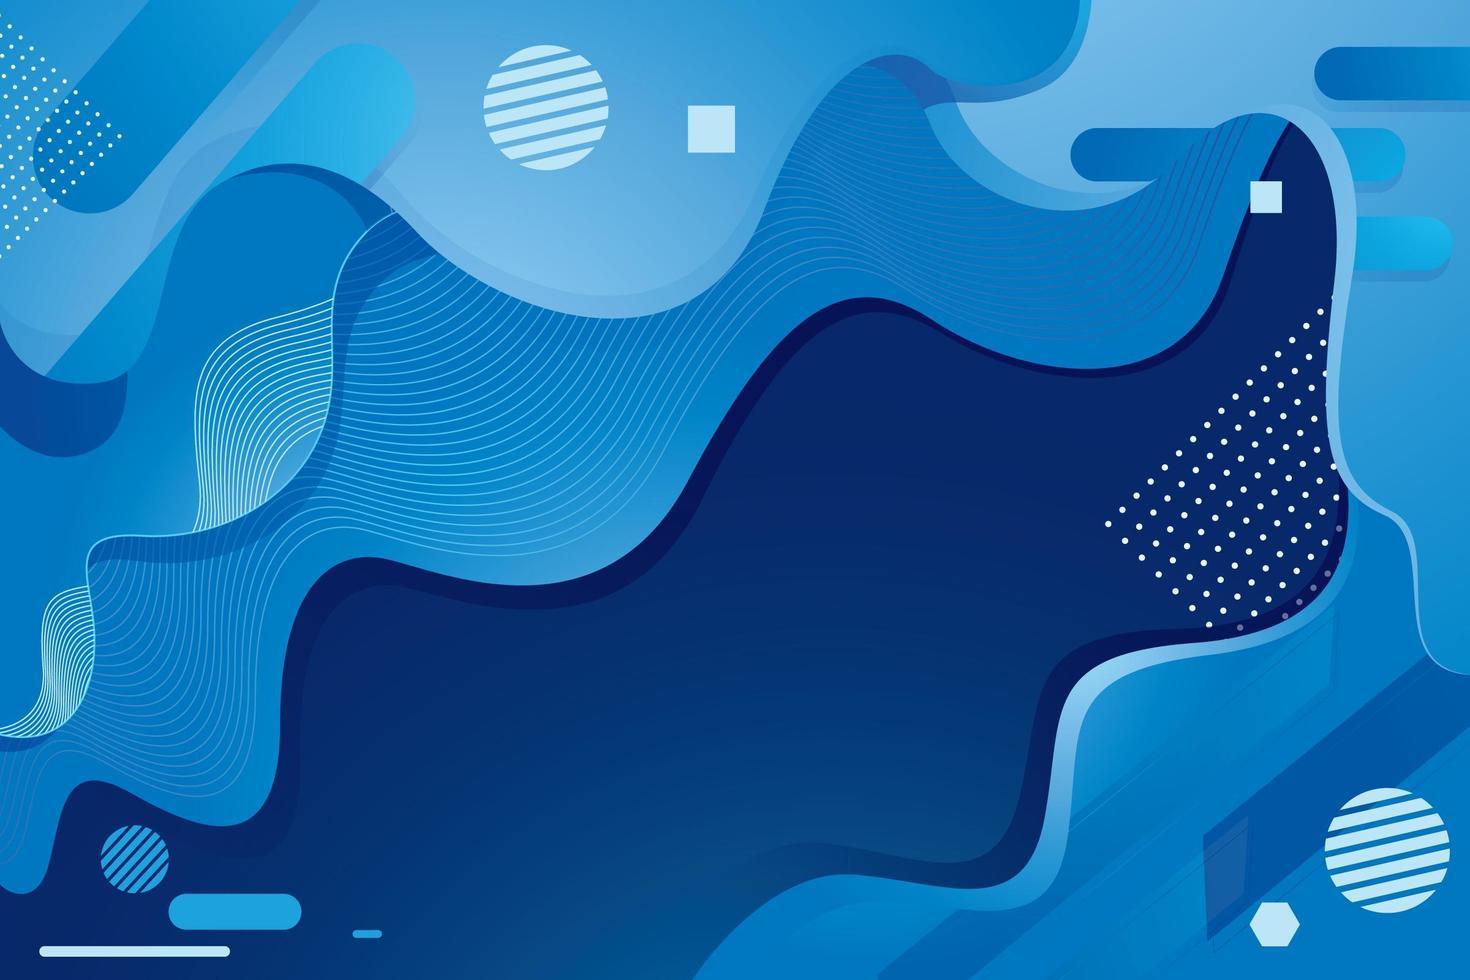 fond bleu abstrait fluide vecteur